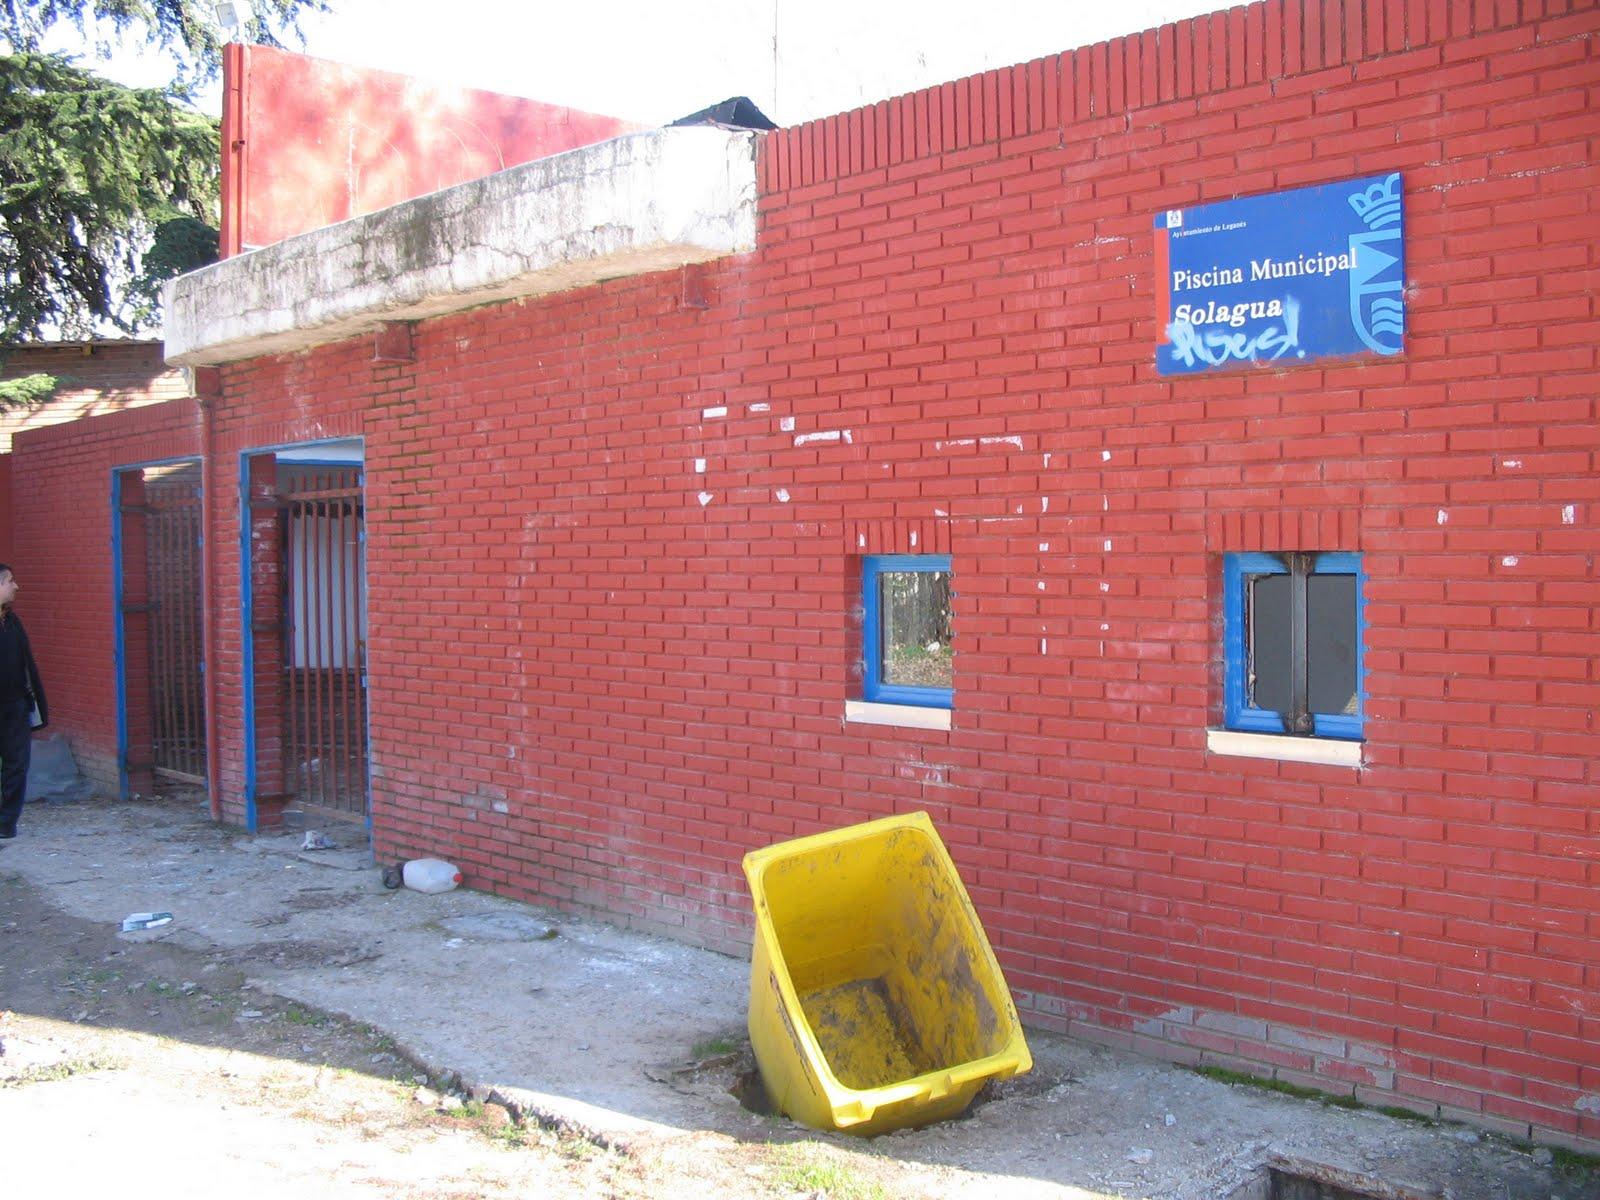 Septiembre 2010 dlegan s desde el exilio for Piscina solagua leganes